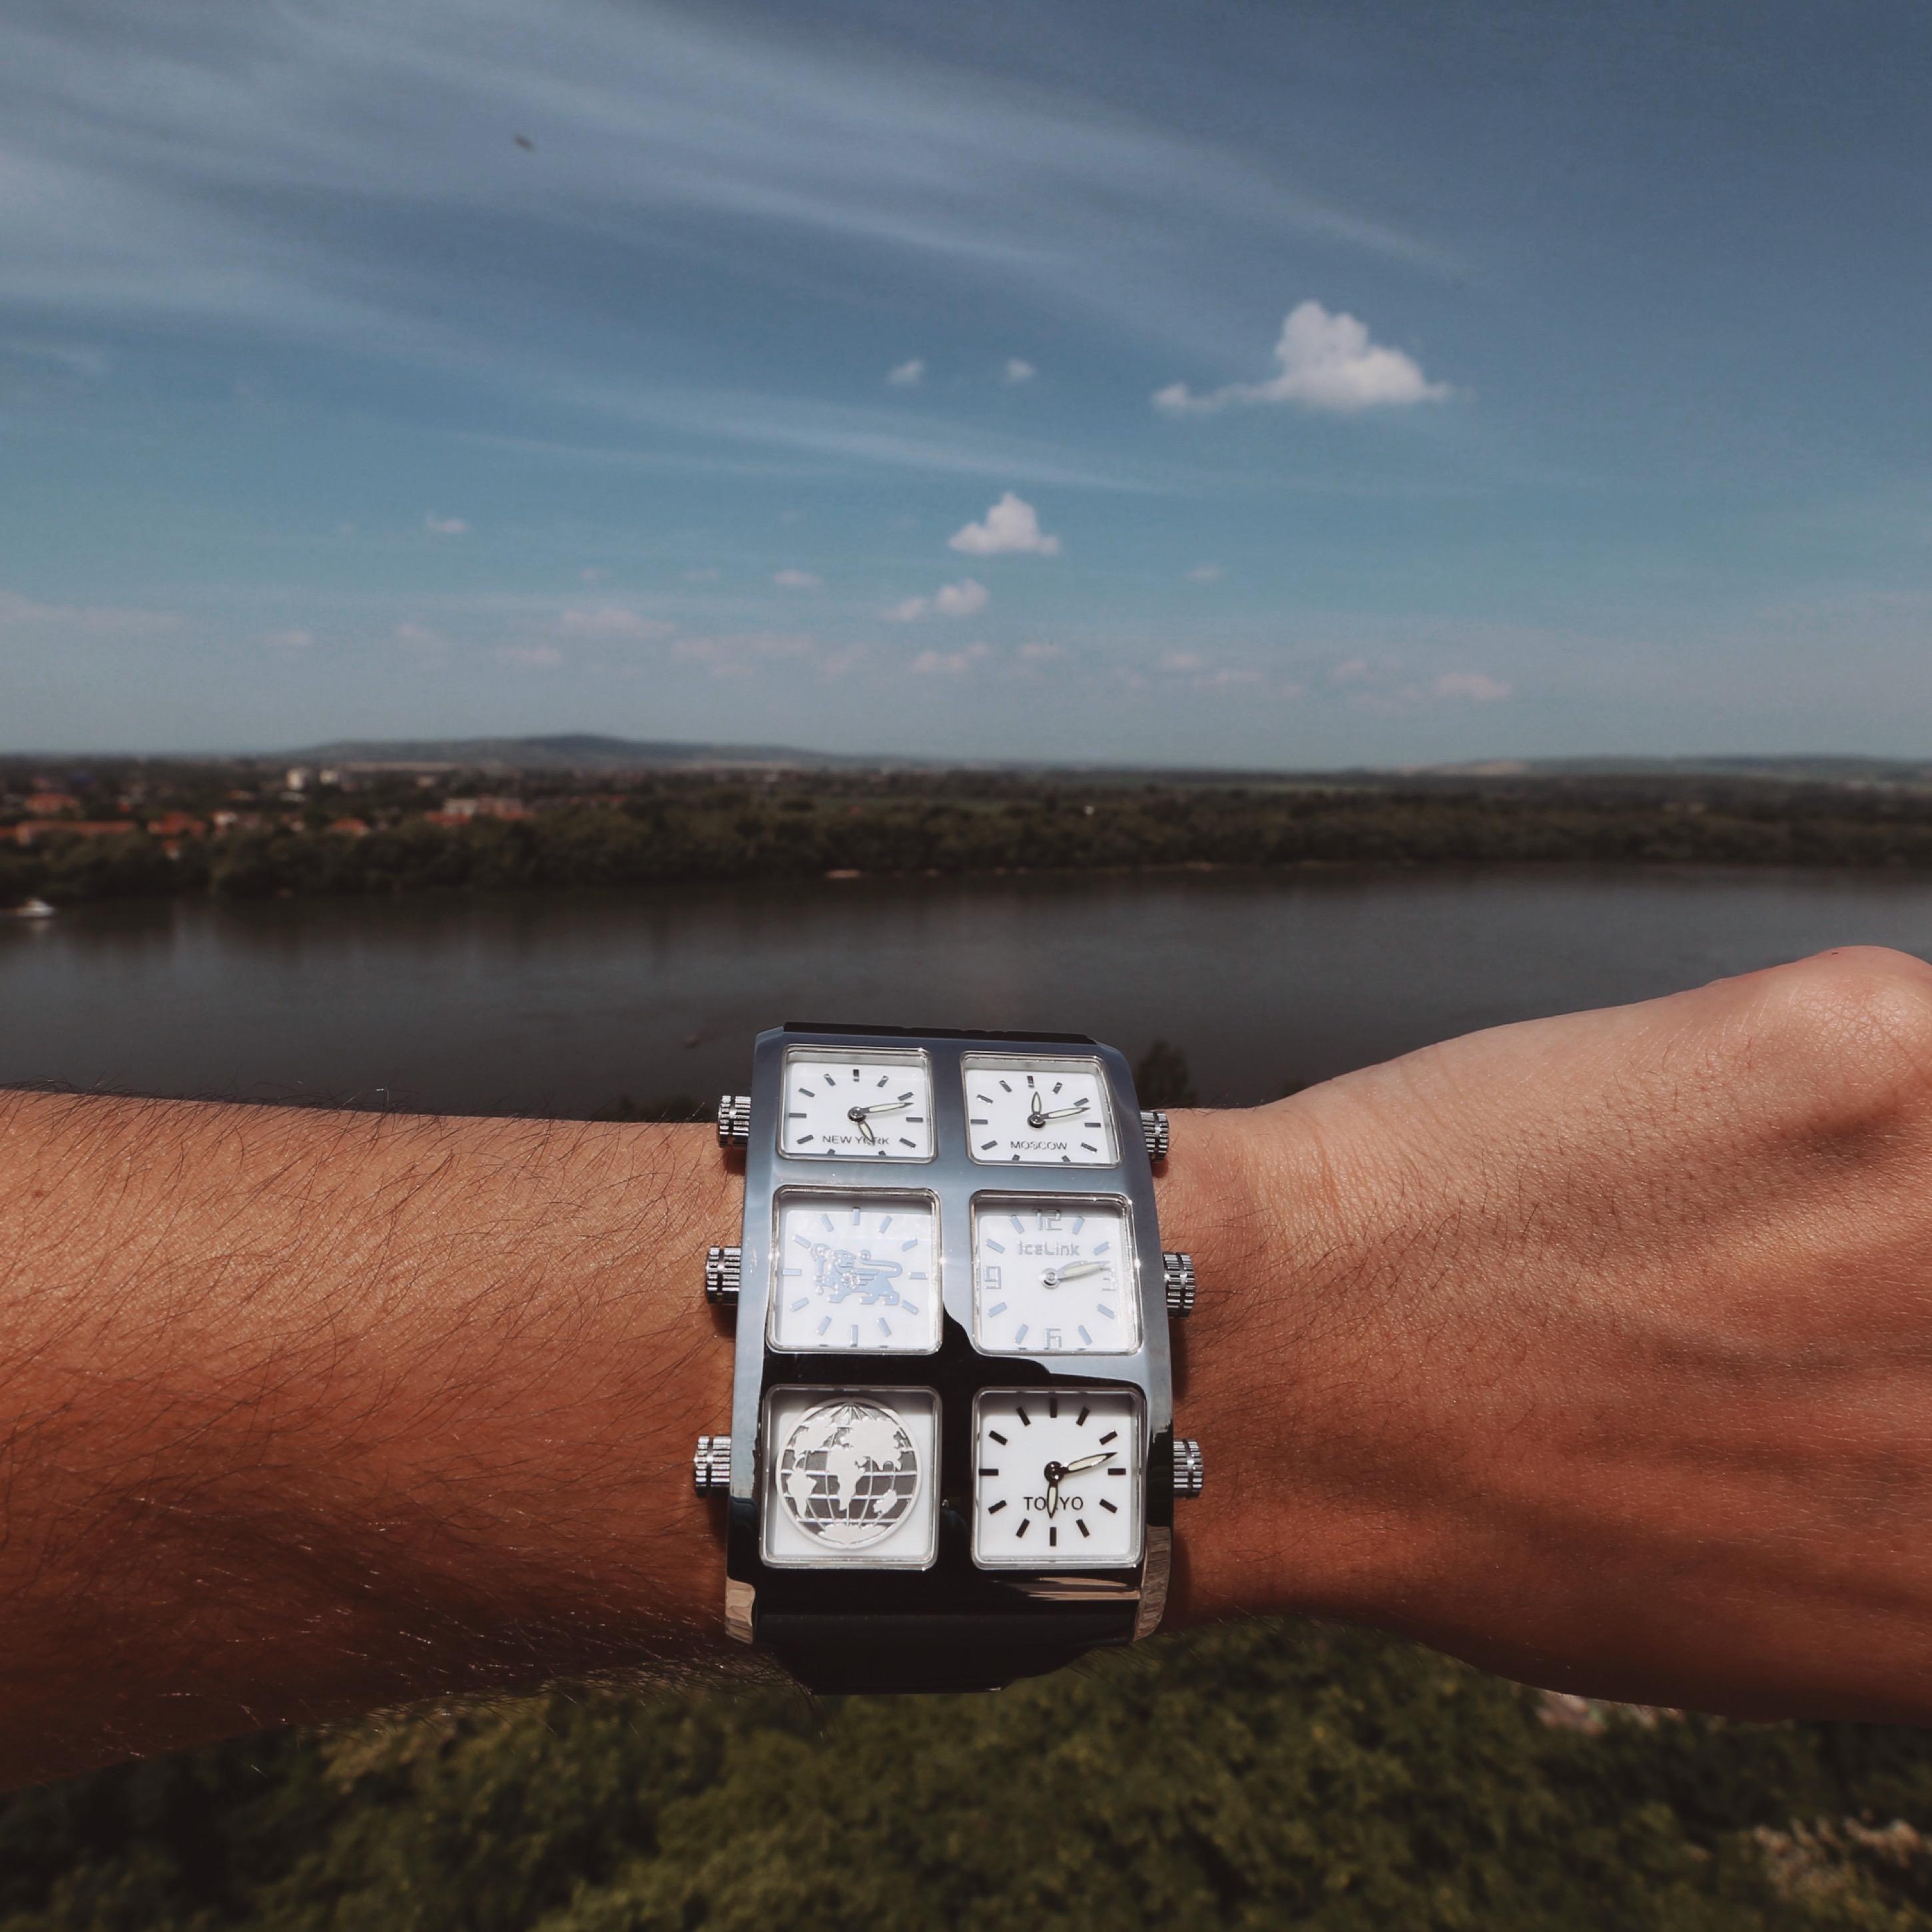 Man wearing Zhu 60mm Multi-Time Zone Watch - IceLink